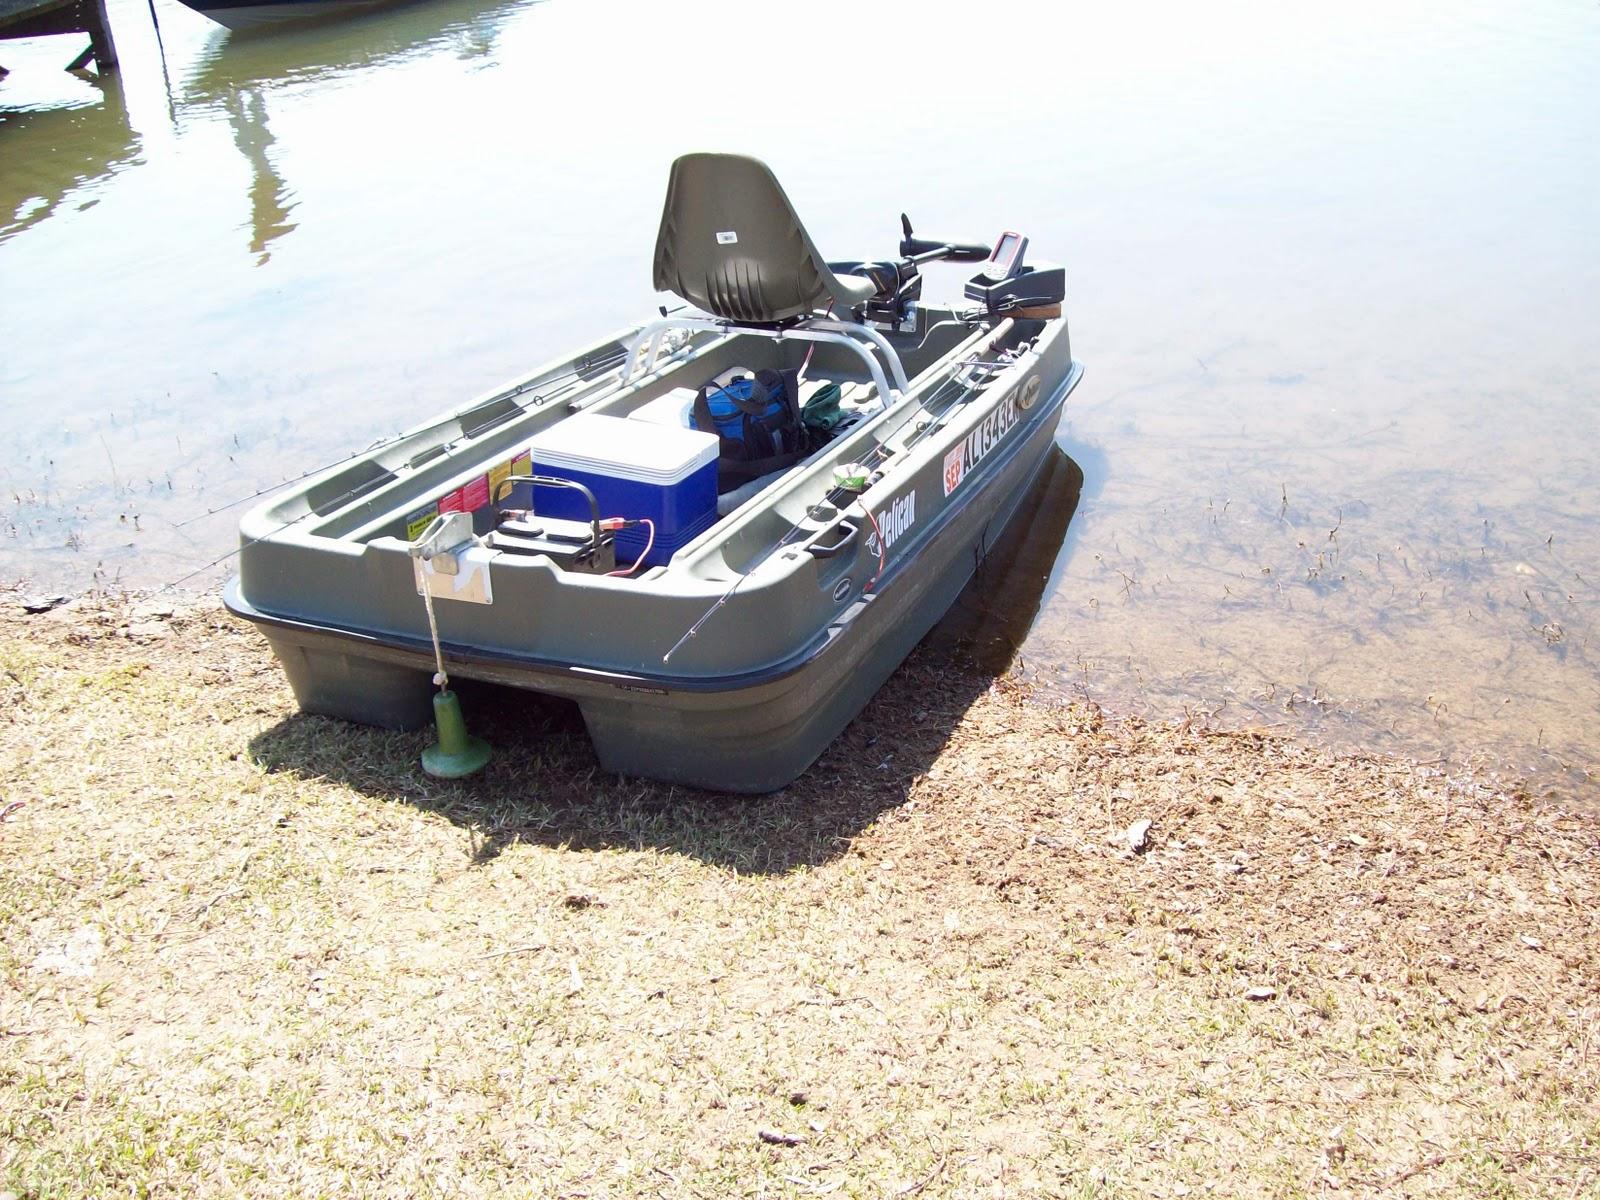 Portable fishing boat images femalecelebrity for Portable fishing boat